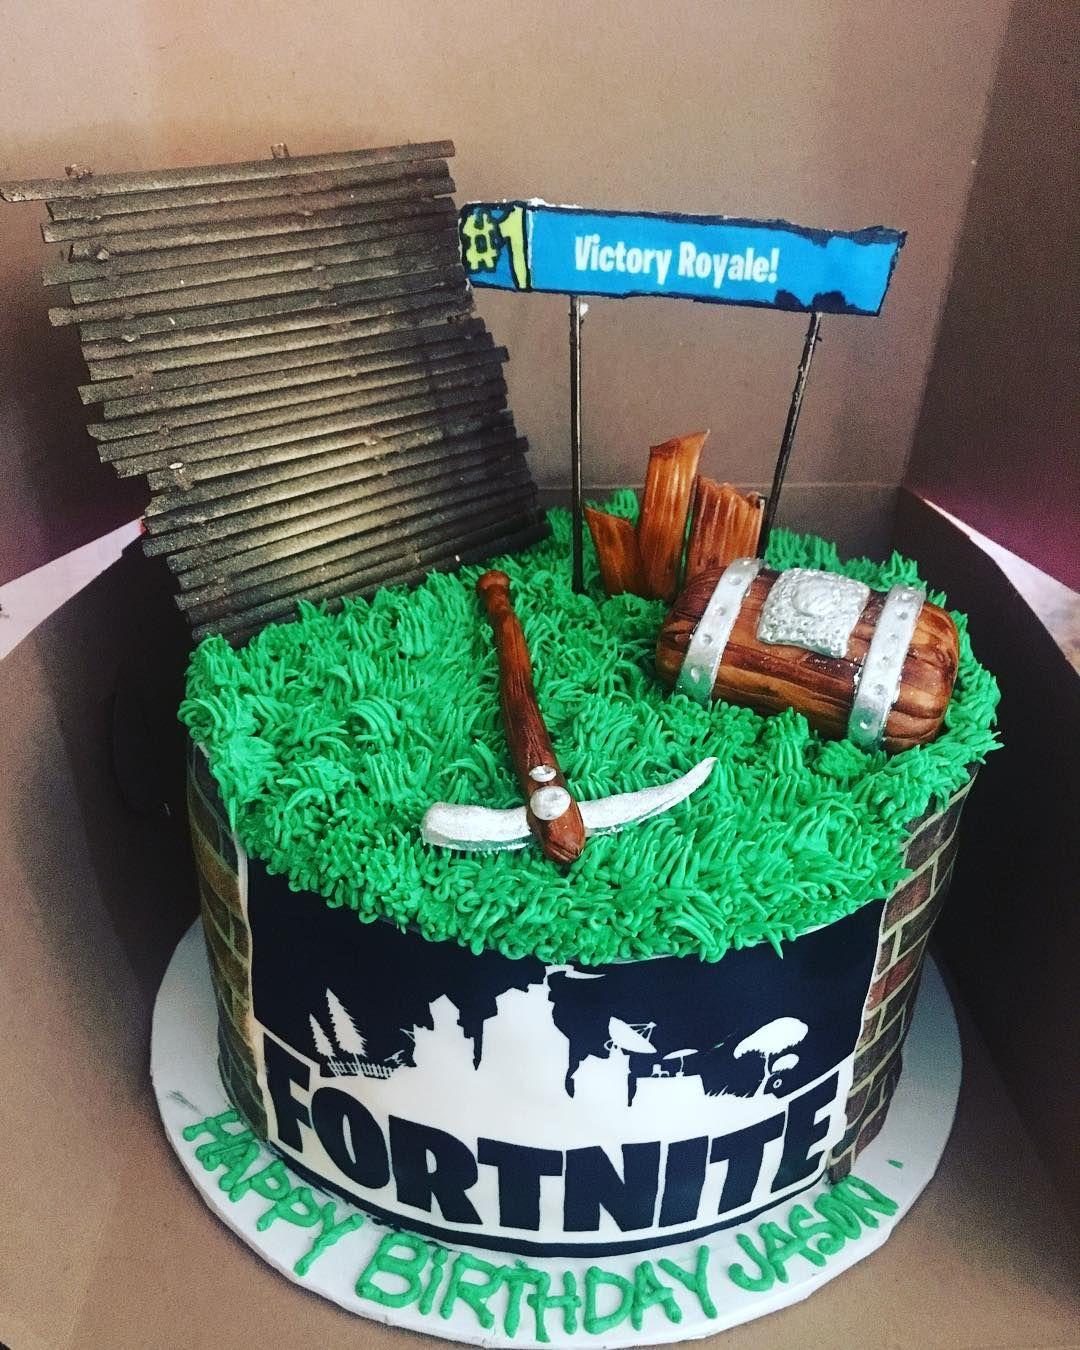 The Bakelife Cakes Birthday Cake Fortnite Fortnitecake Birthdaycake Gamer Victoryroyale Everydayhustle